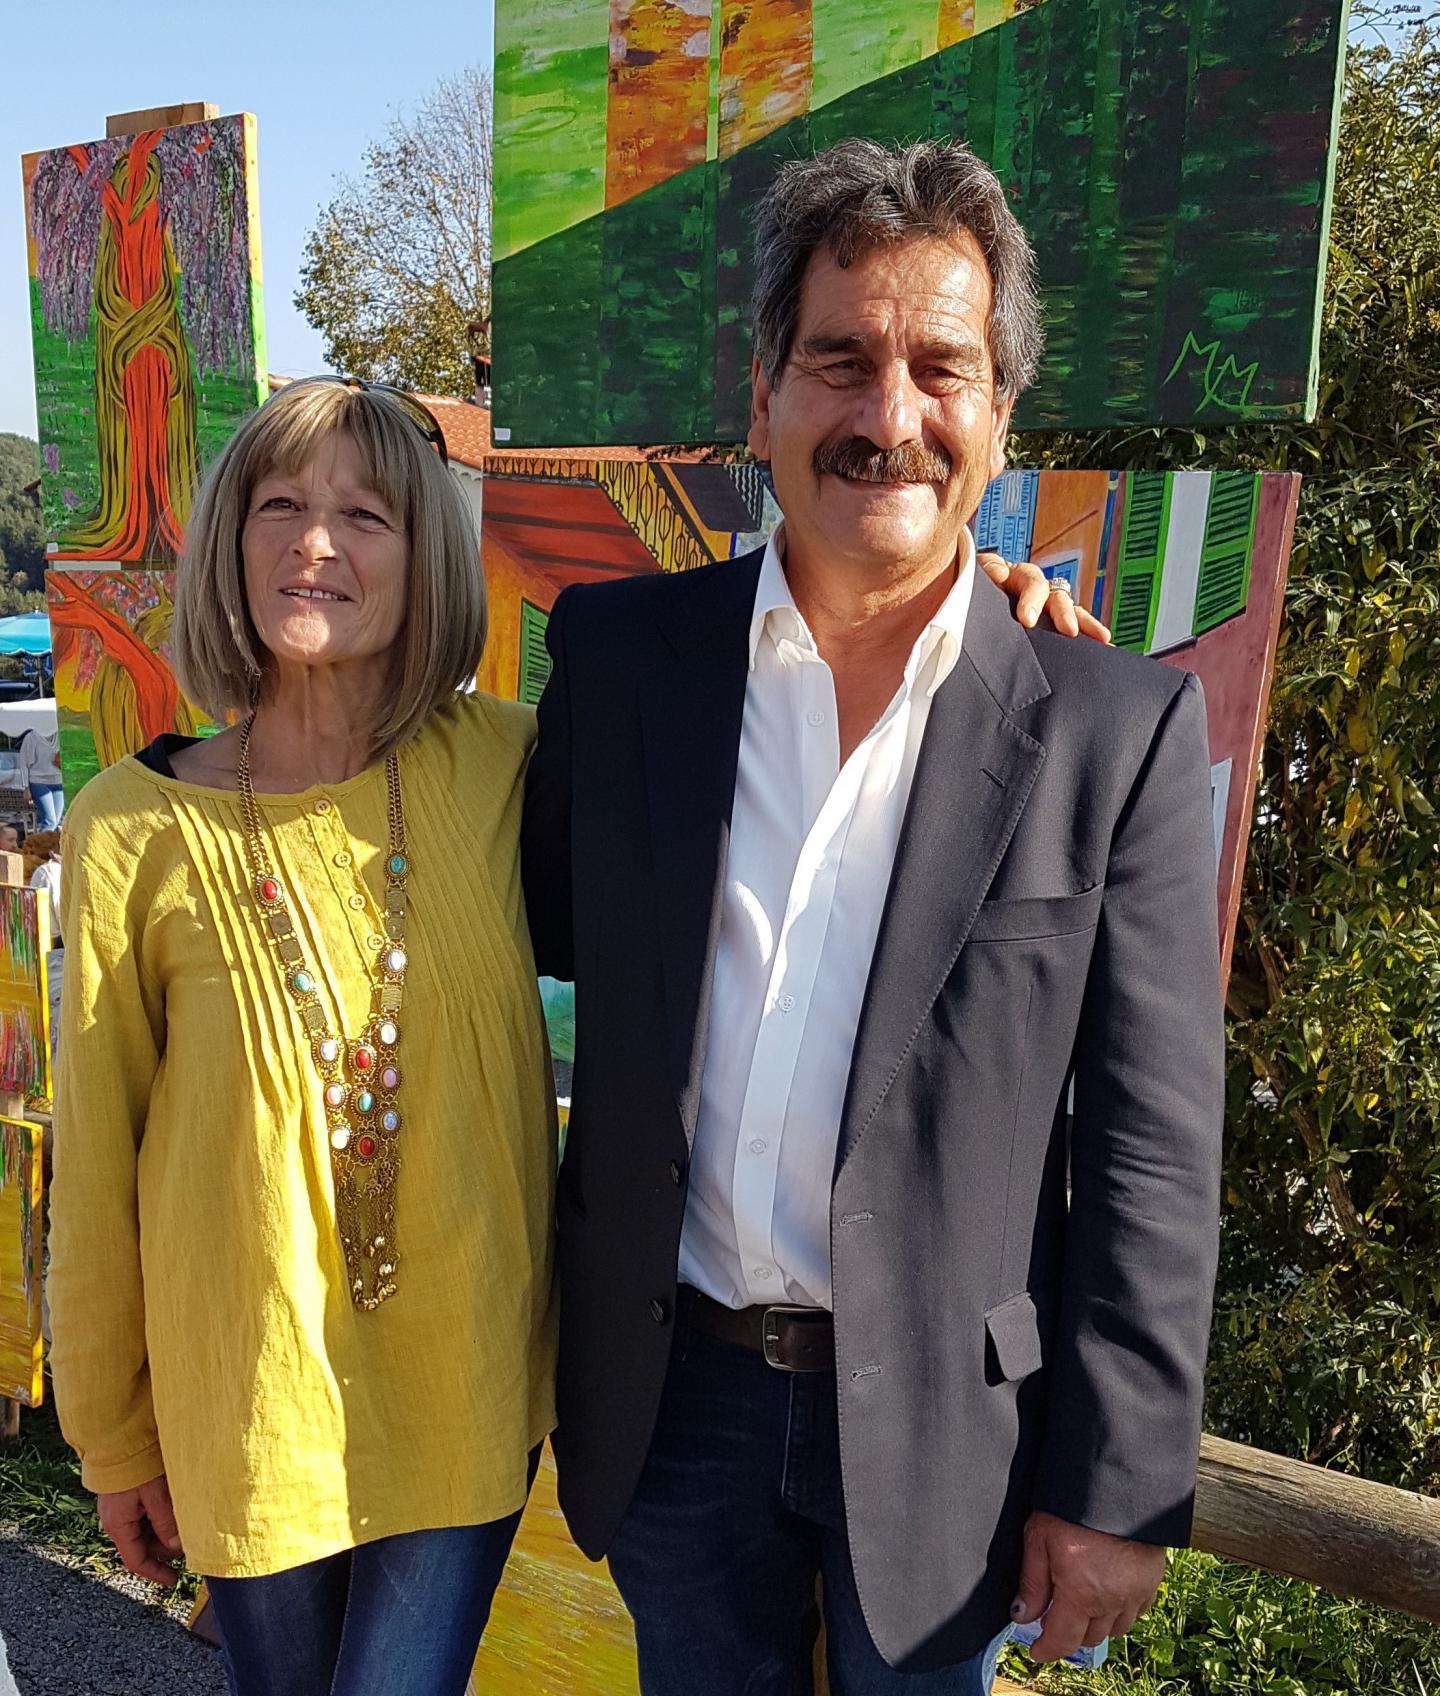 Le maire, Sauveur Patricola, et Murielle Montanucci « Mumu  » artiste peintre exposante. (Ph. A. D.)